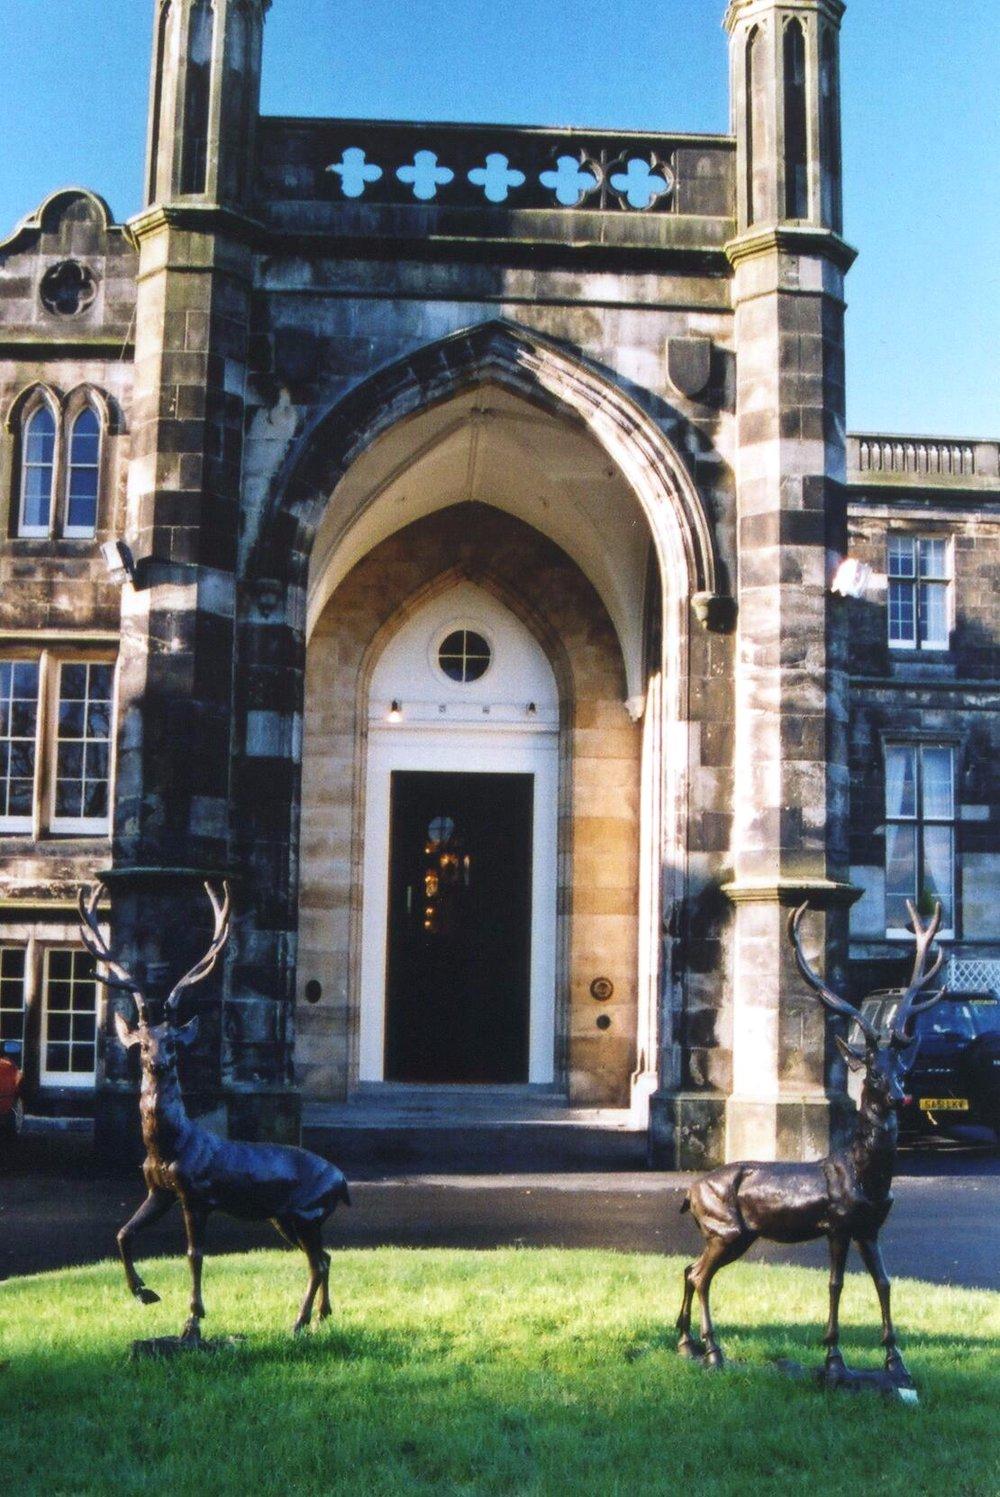 Mar Hall Too Dear?